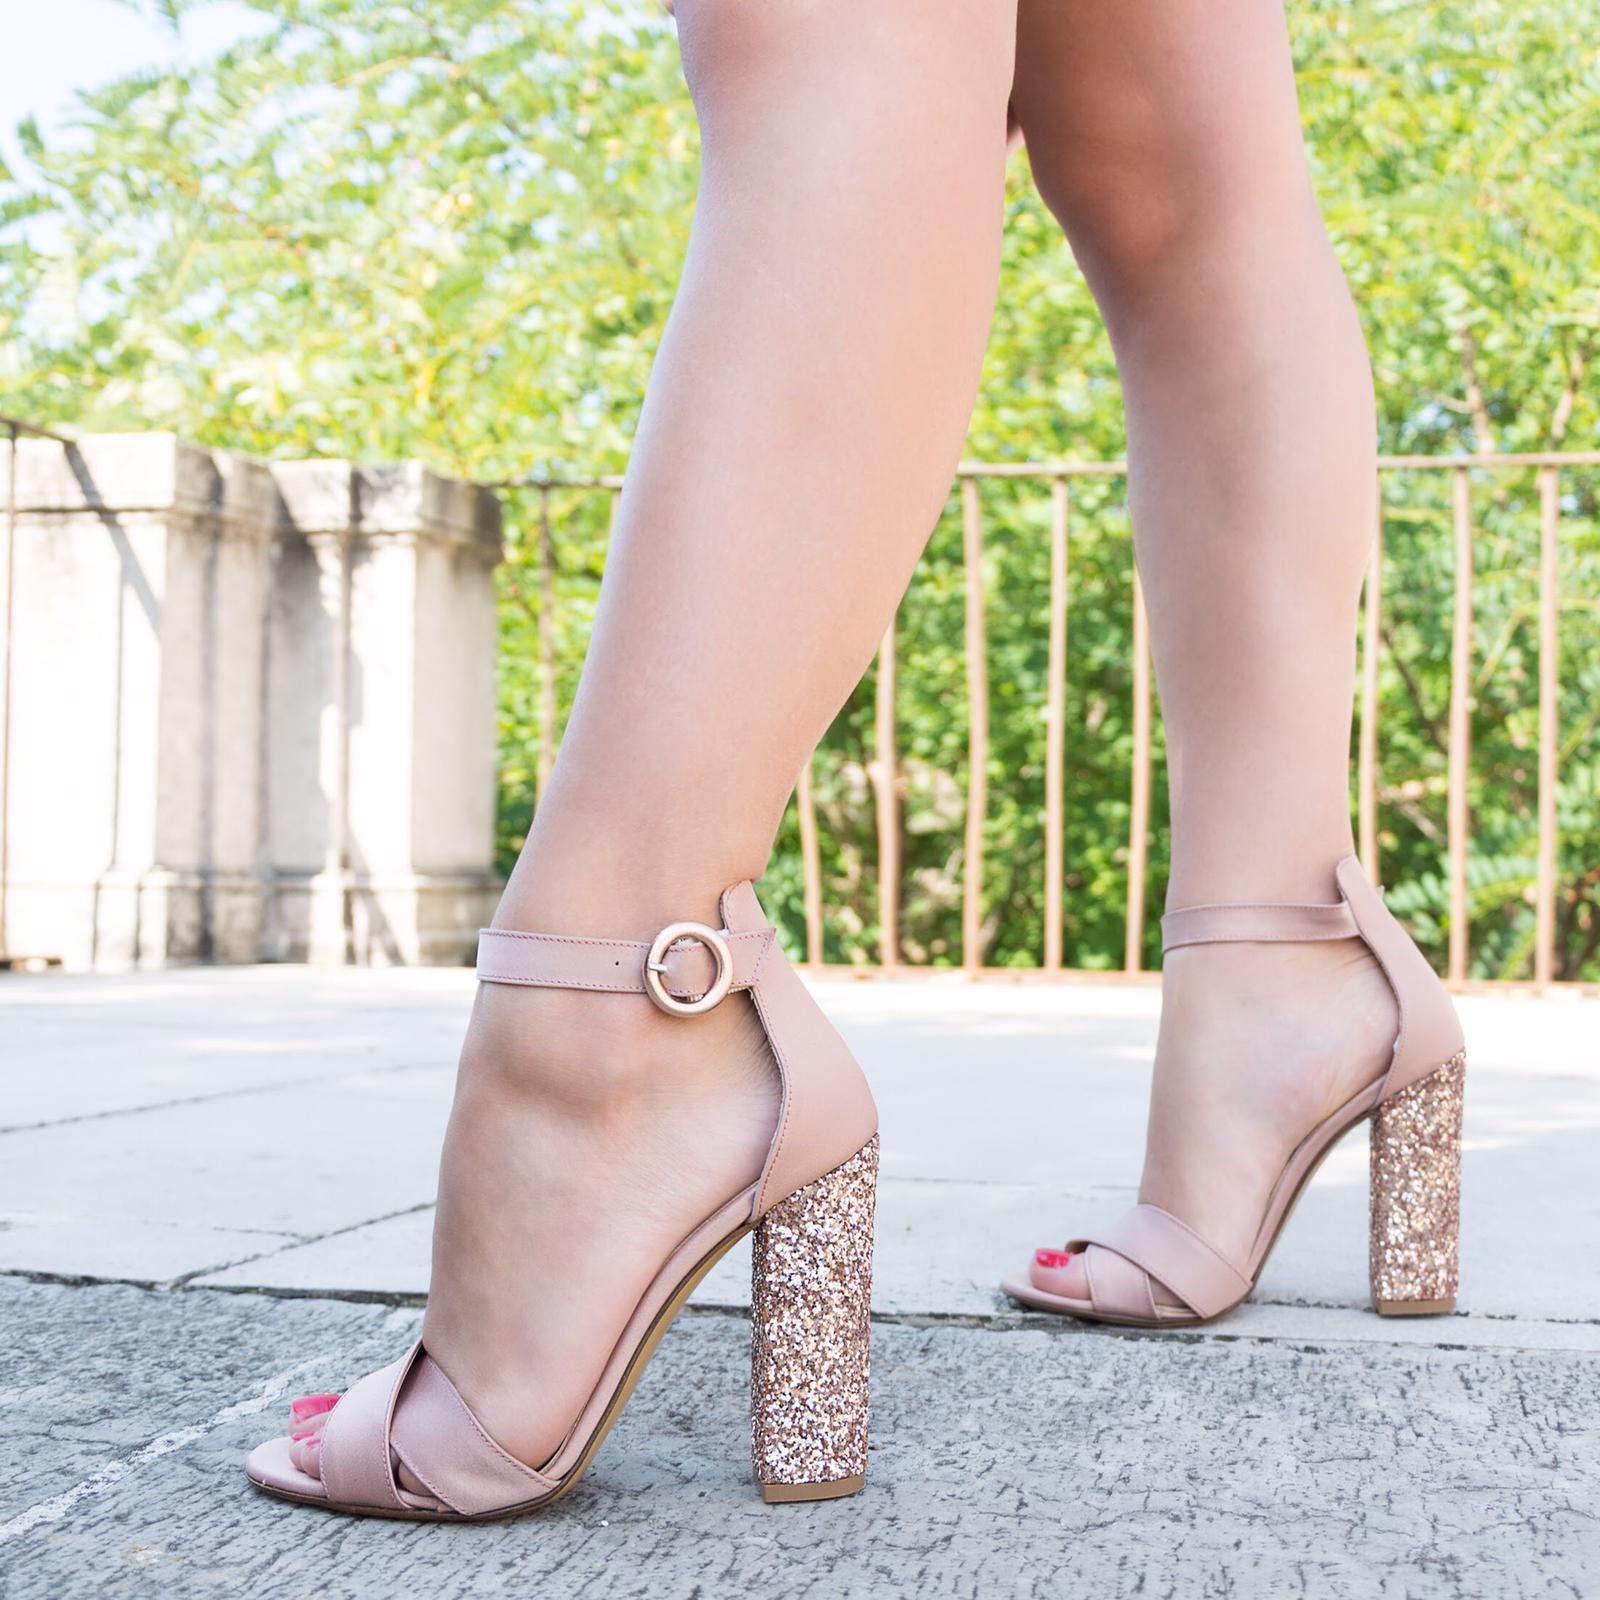 scarpe_tacchi_maison_de_parfum